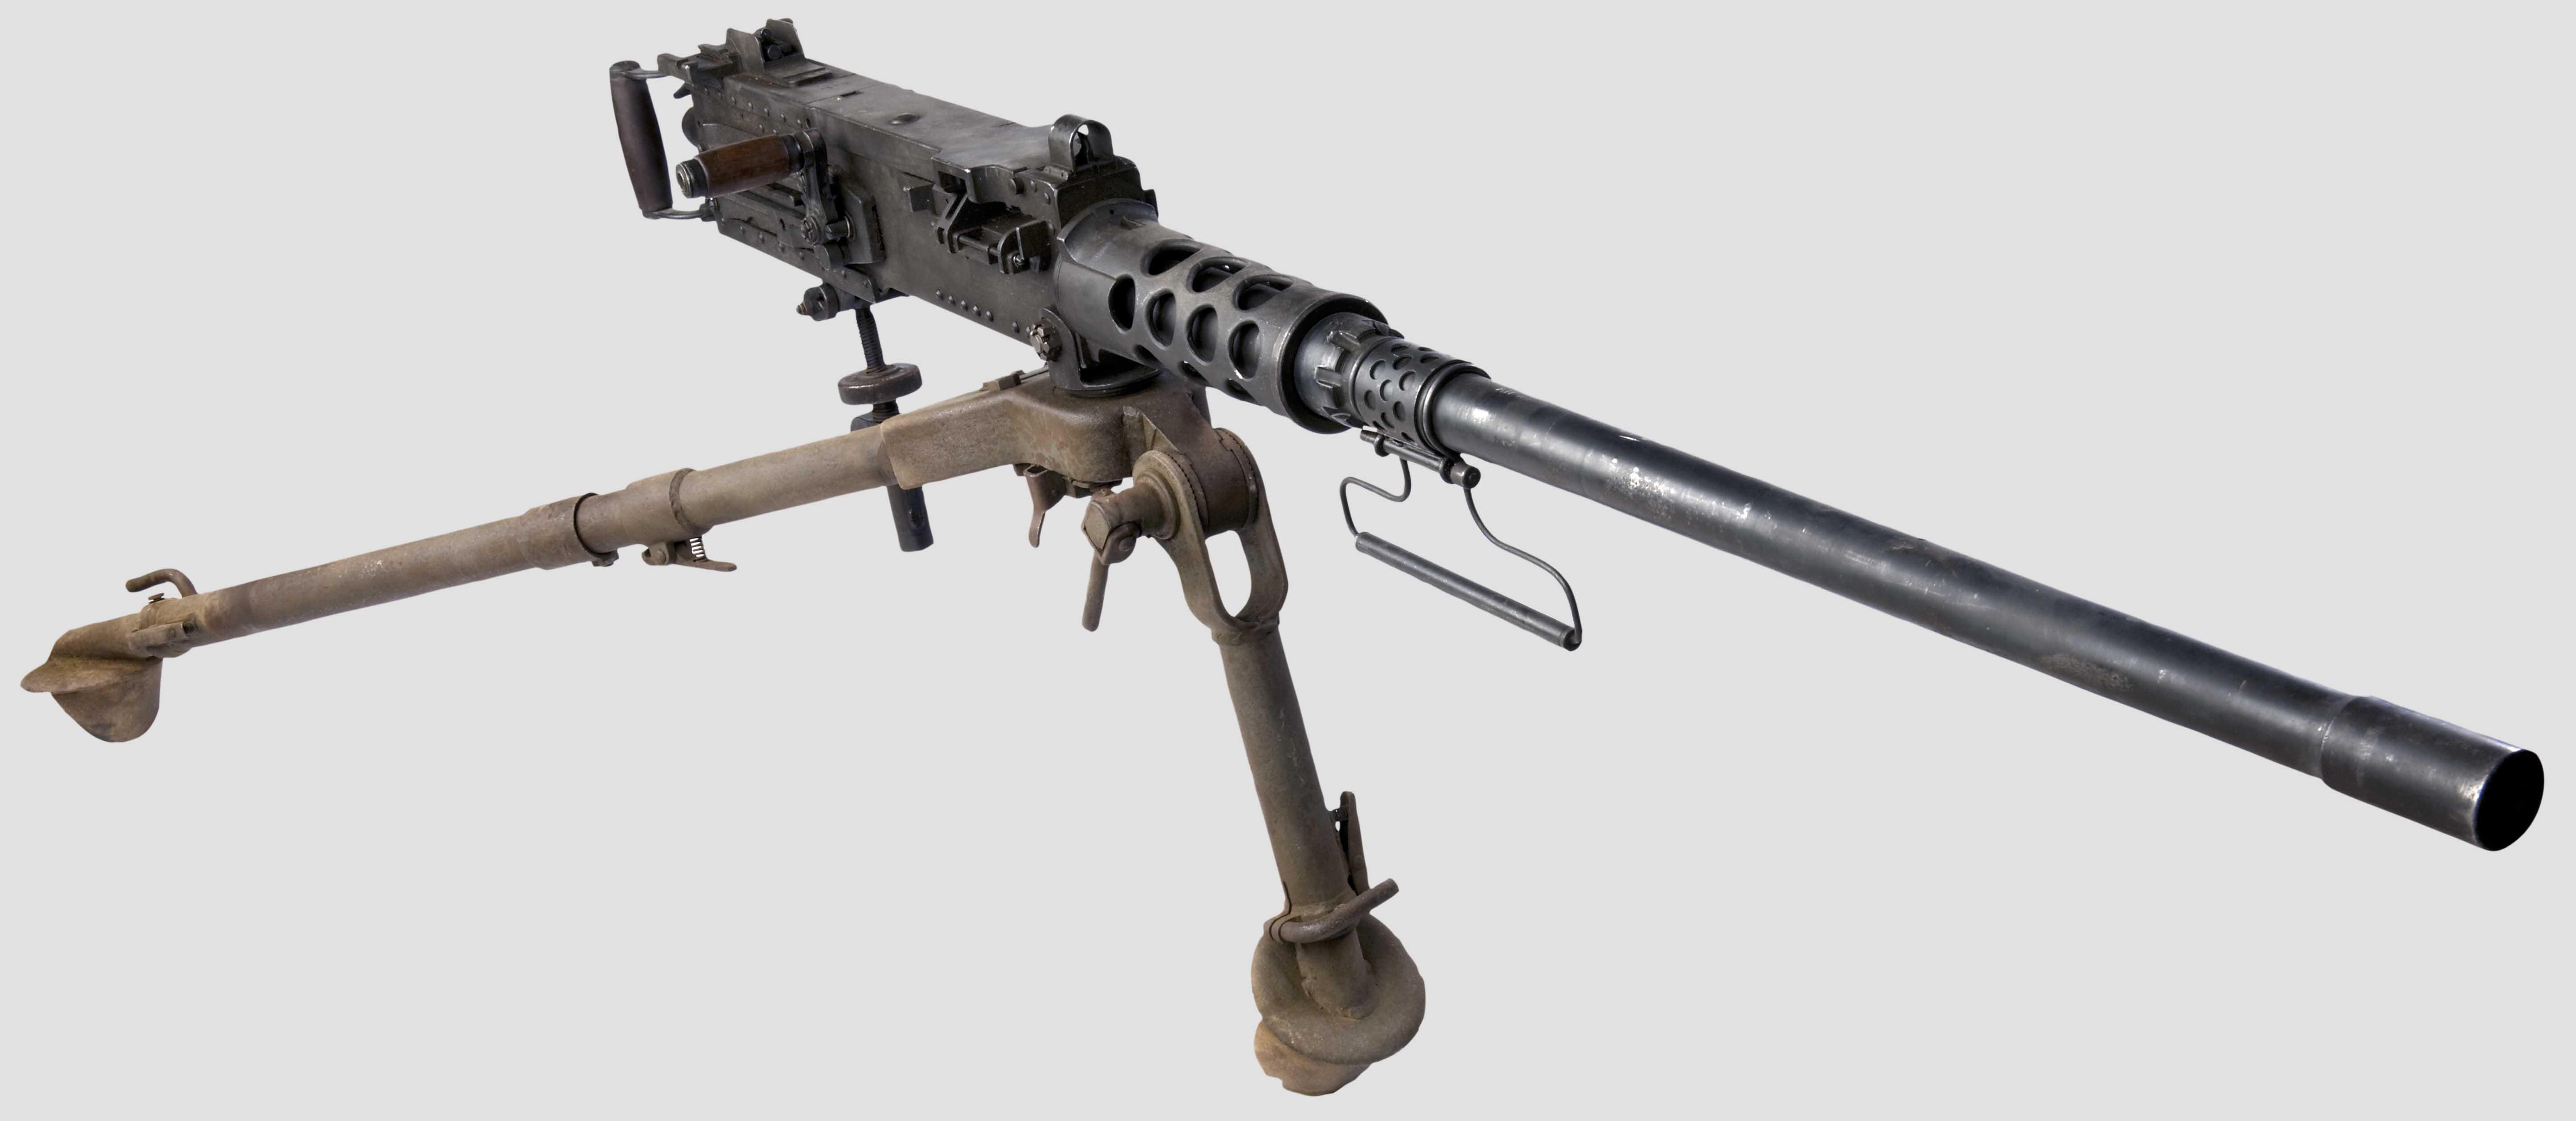 picture of a 50 caliber machine gun